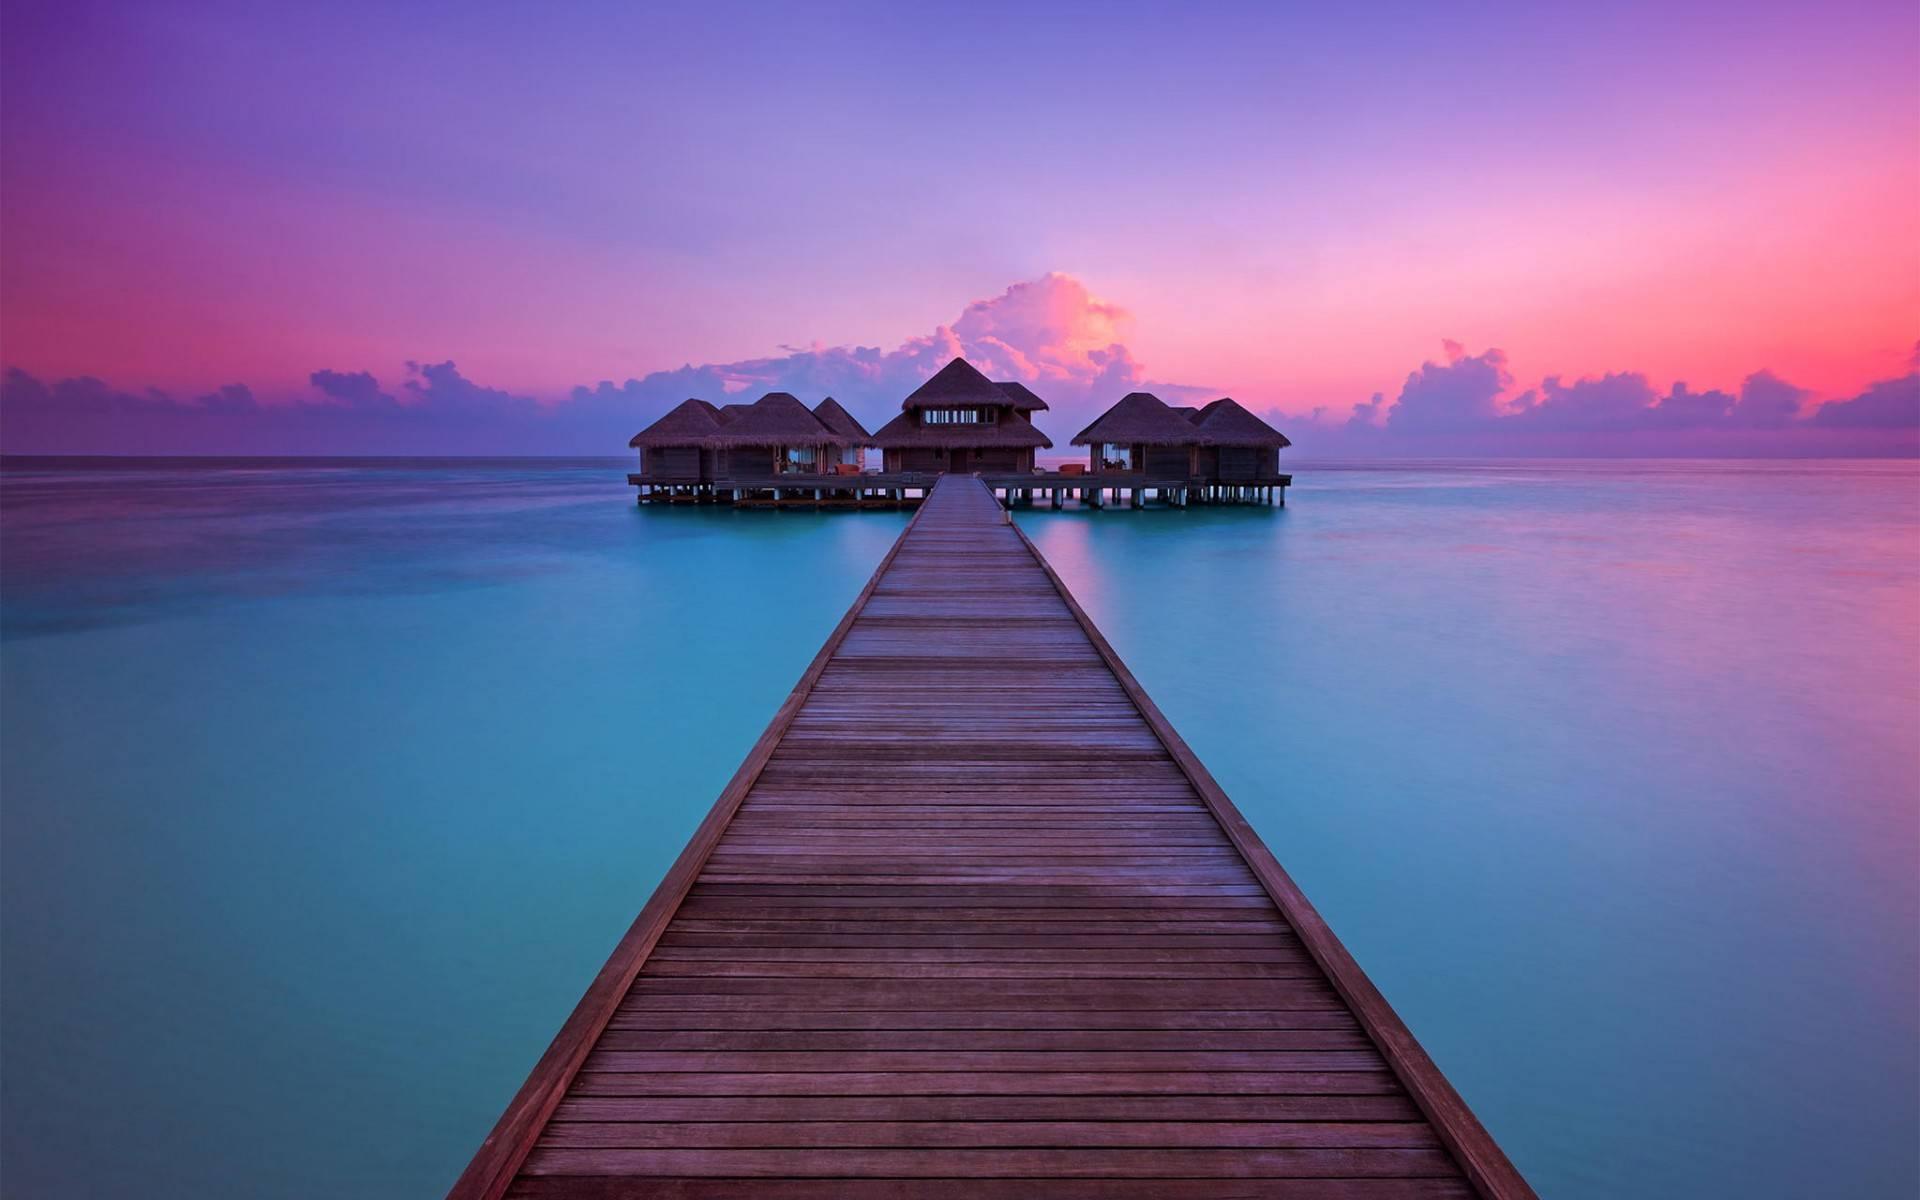 мостик, кофе, океан